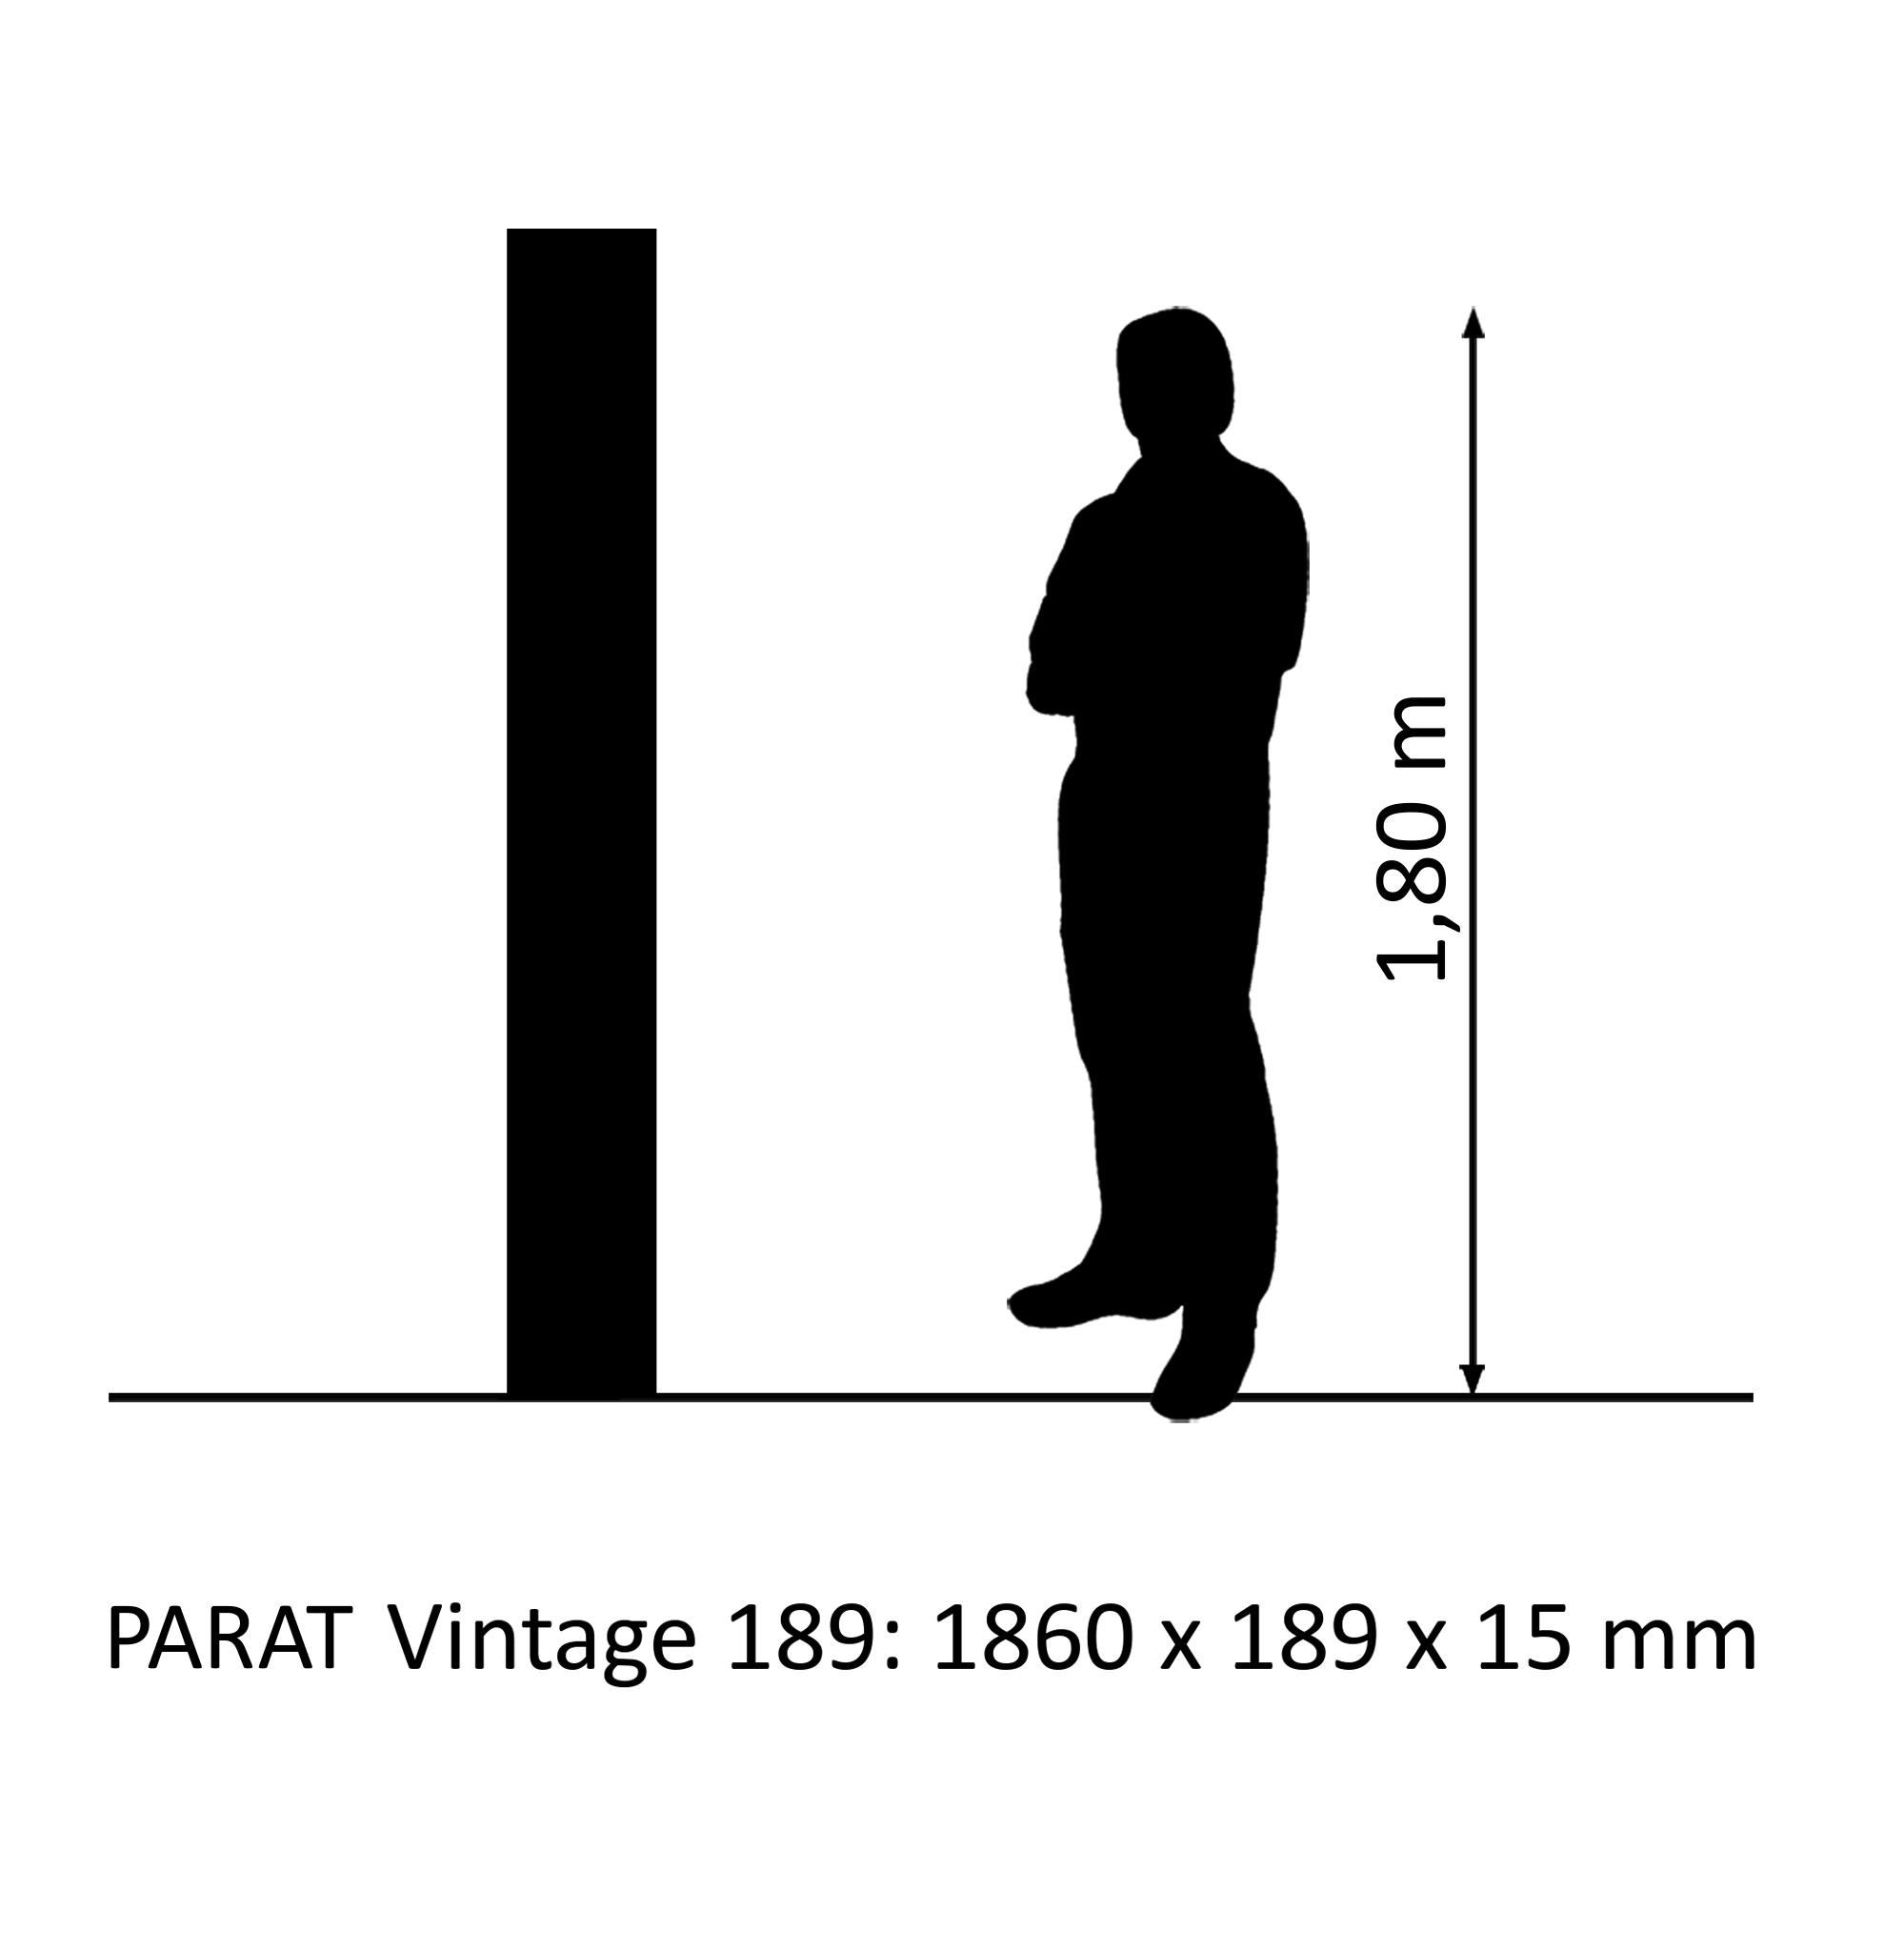 PARAT Vintage 189 Eiche weiß geölt